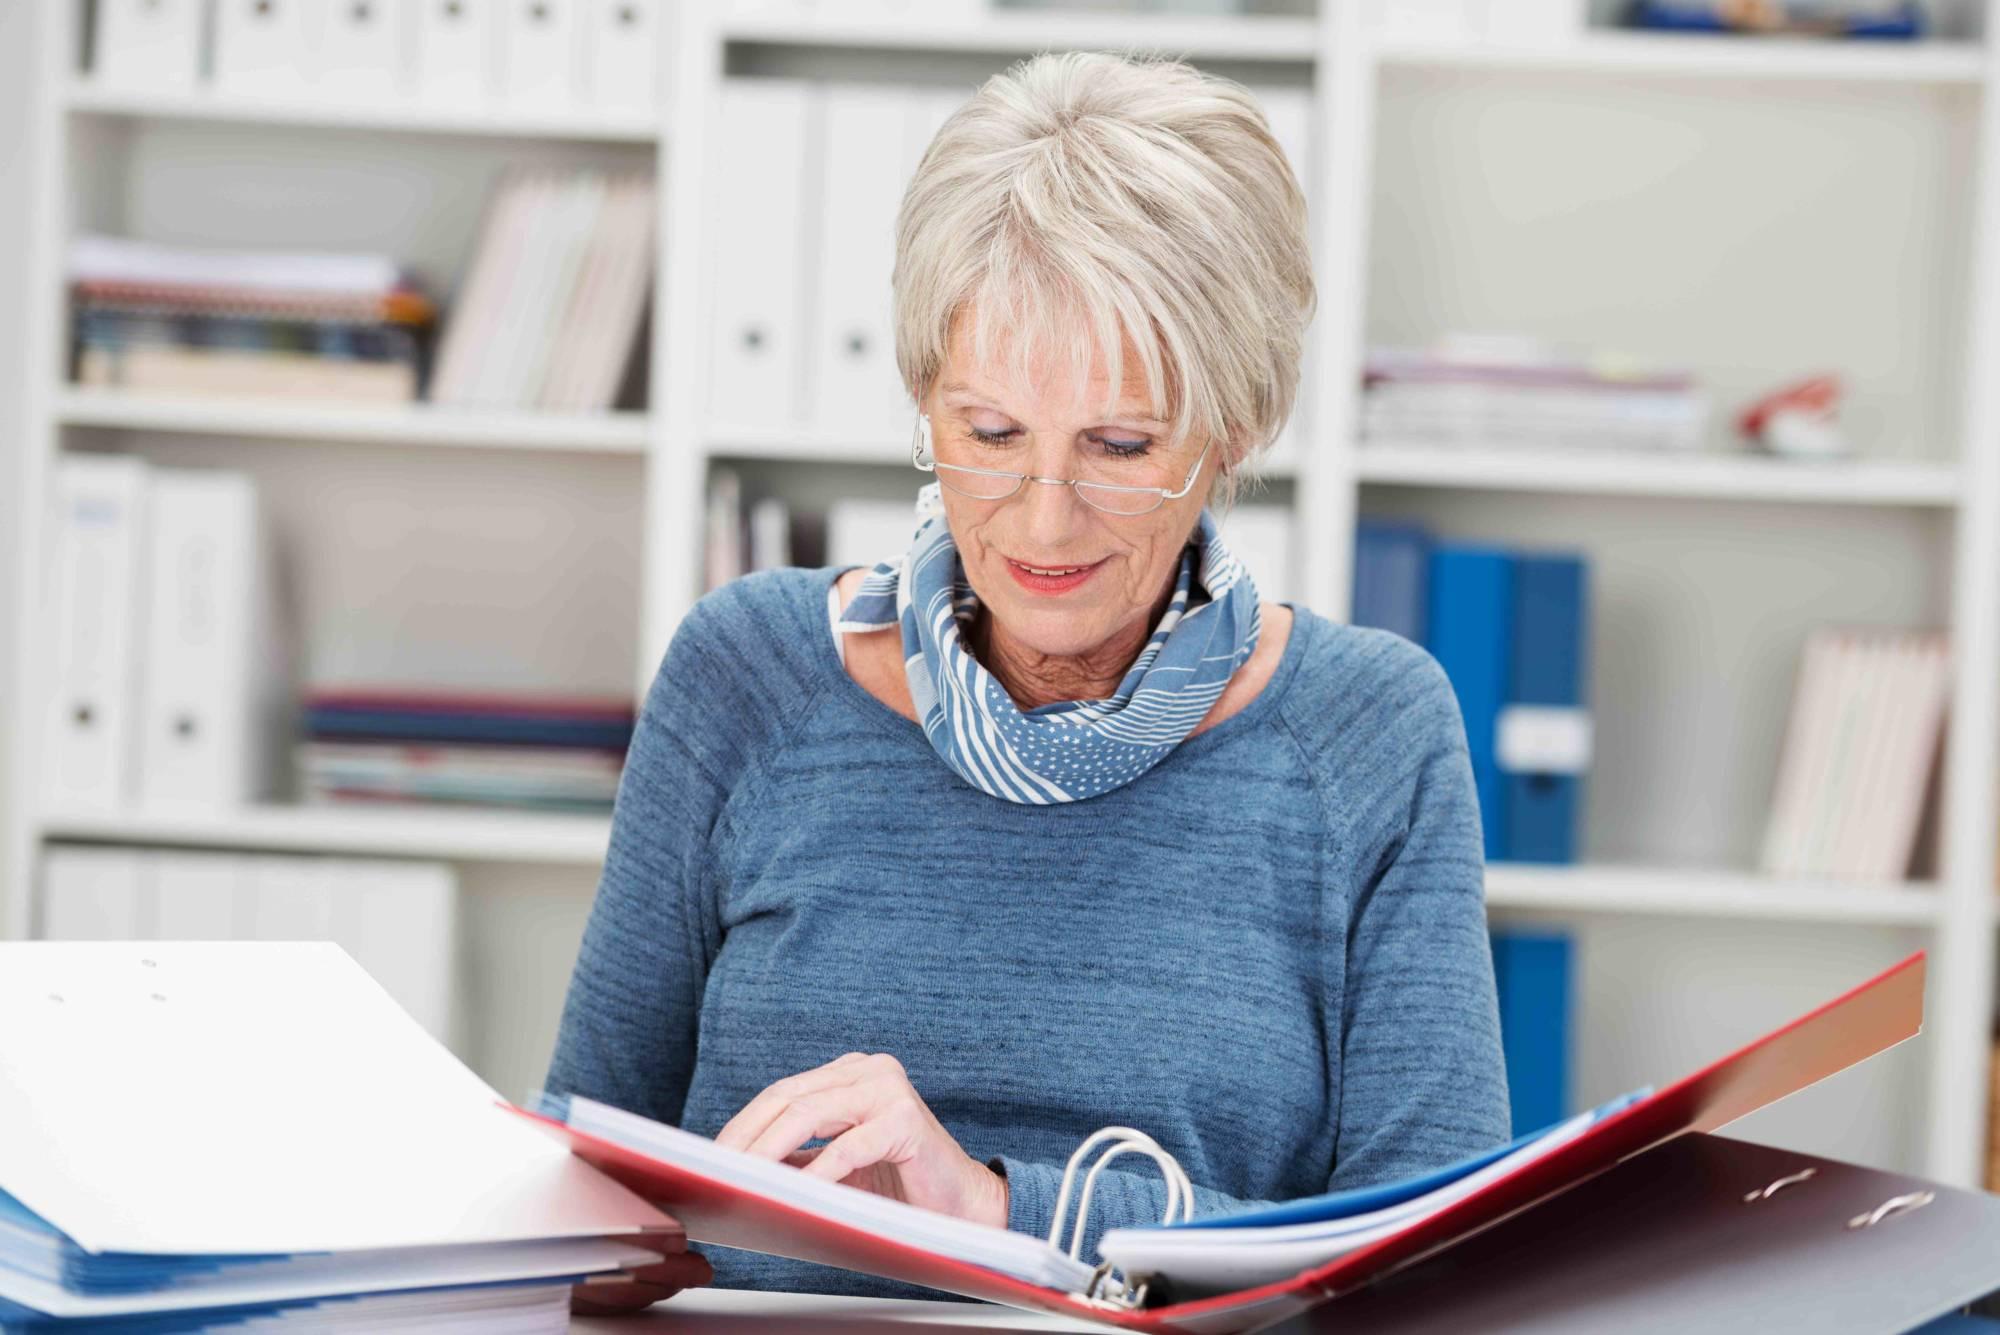 Причины, по которым сотрудников в возрасте не берут на работу